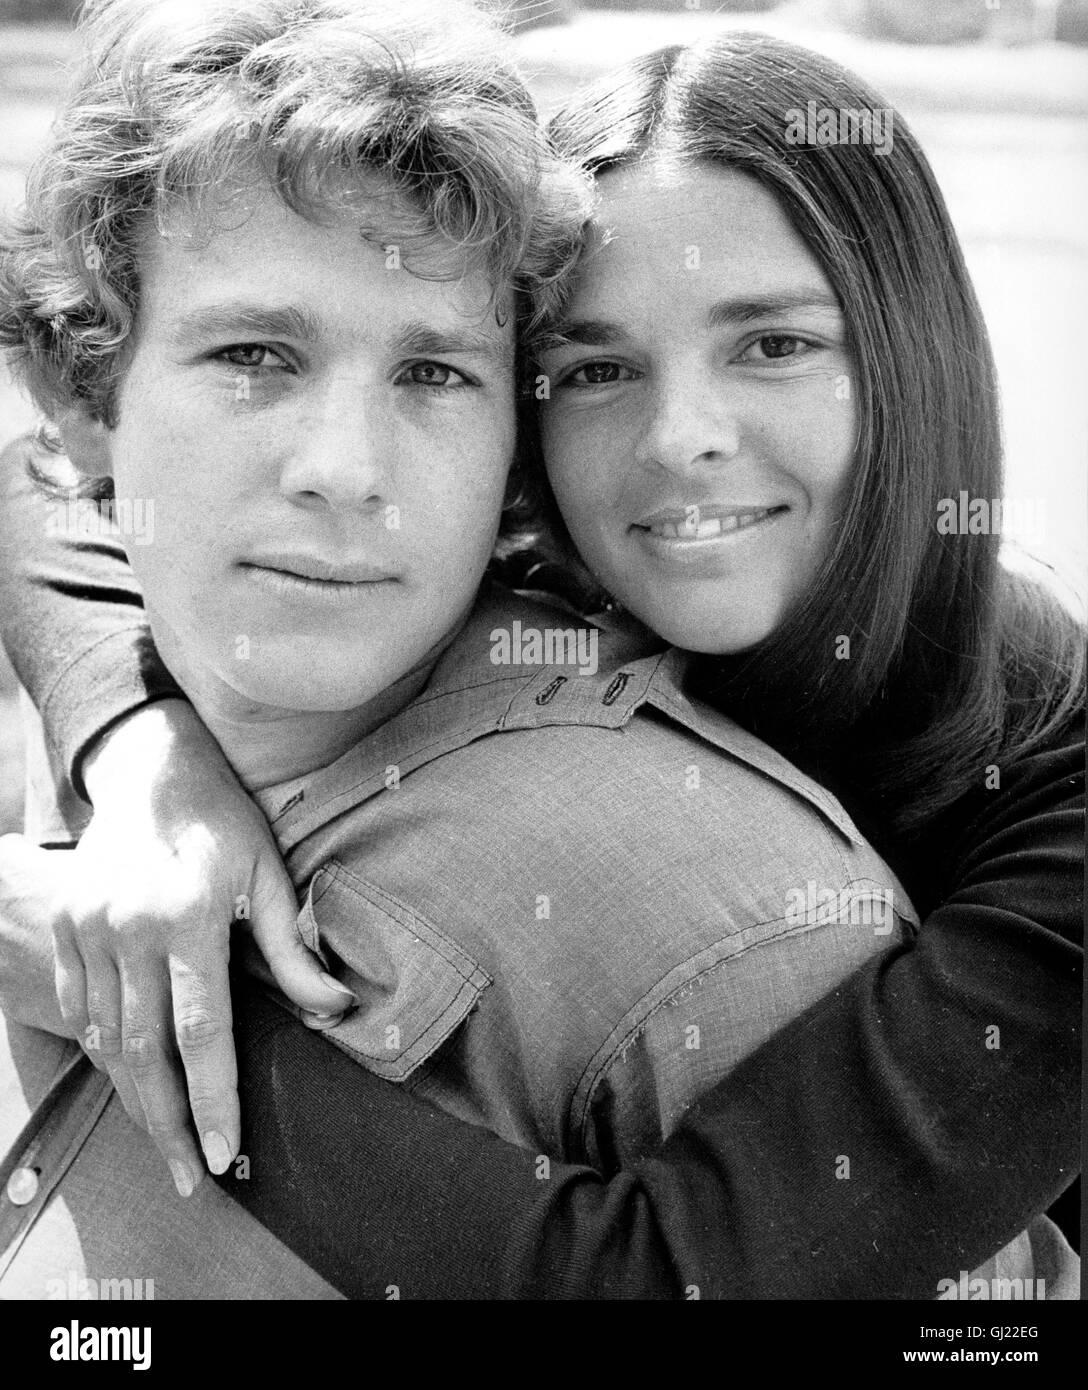 1ef9433bd4 Una storia di amore- Die Love Story zwischen Oliver (RYAN O'Neal) und Jenny  (ALI MACGRAW) wird durch einen harten Schicksalsschlag getrübt.